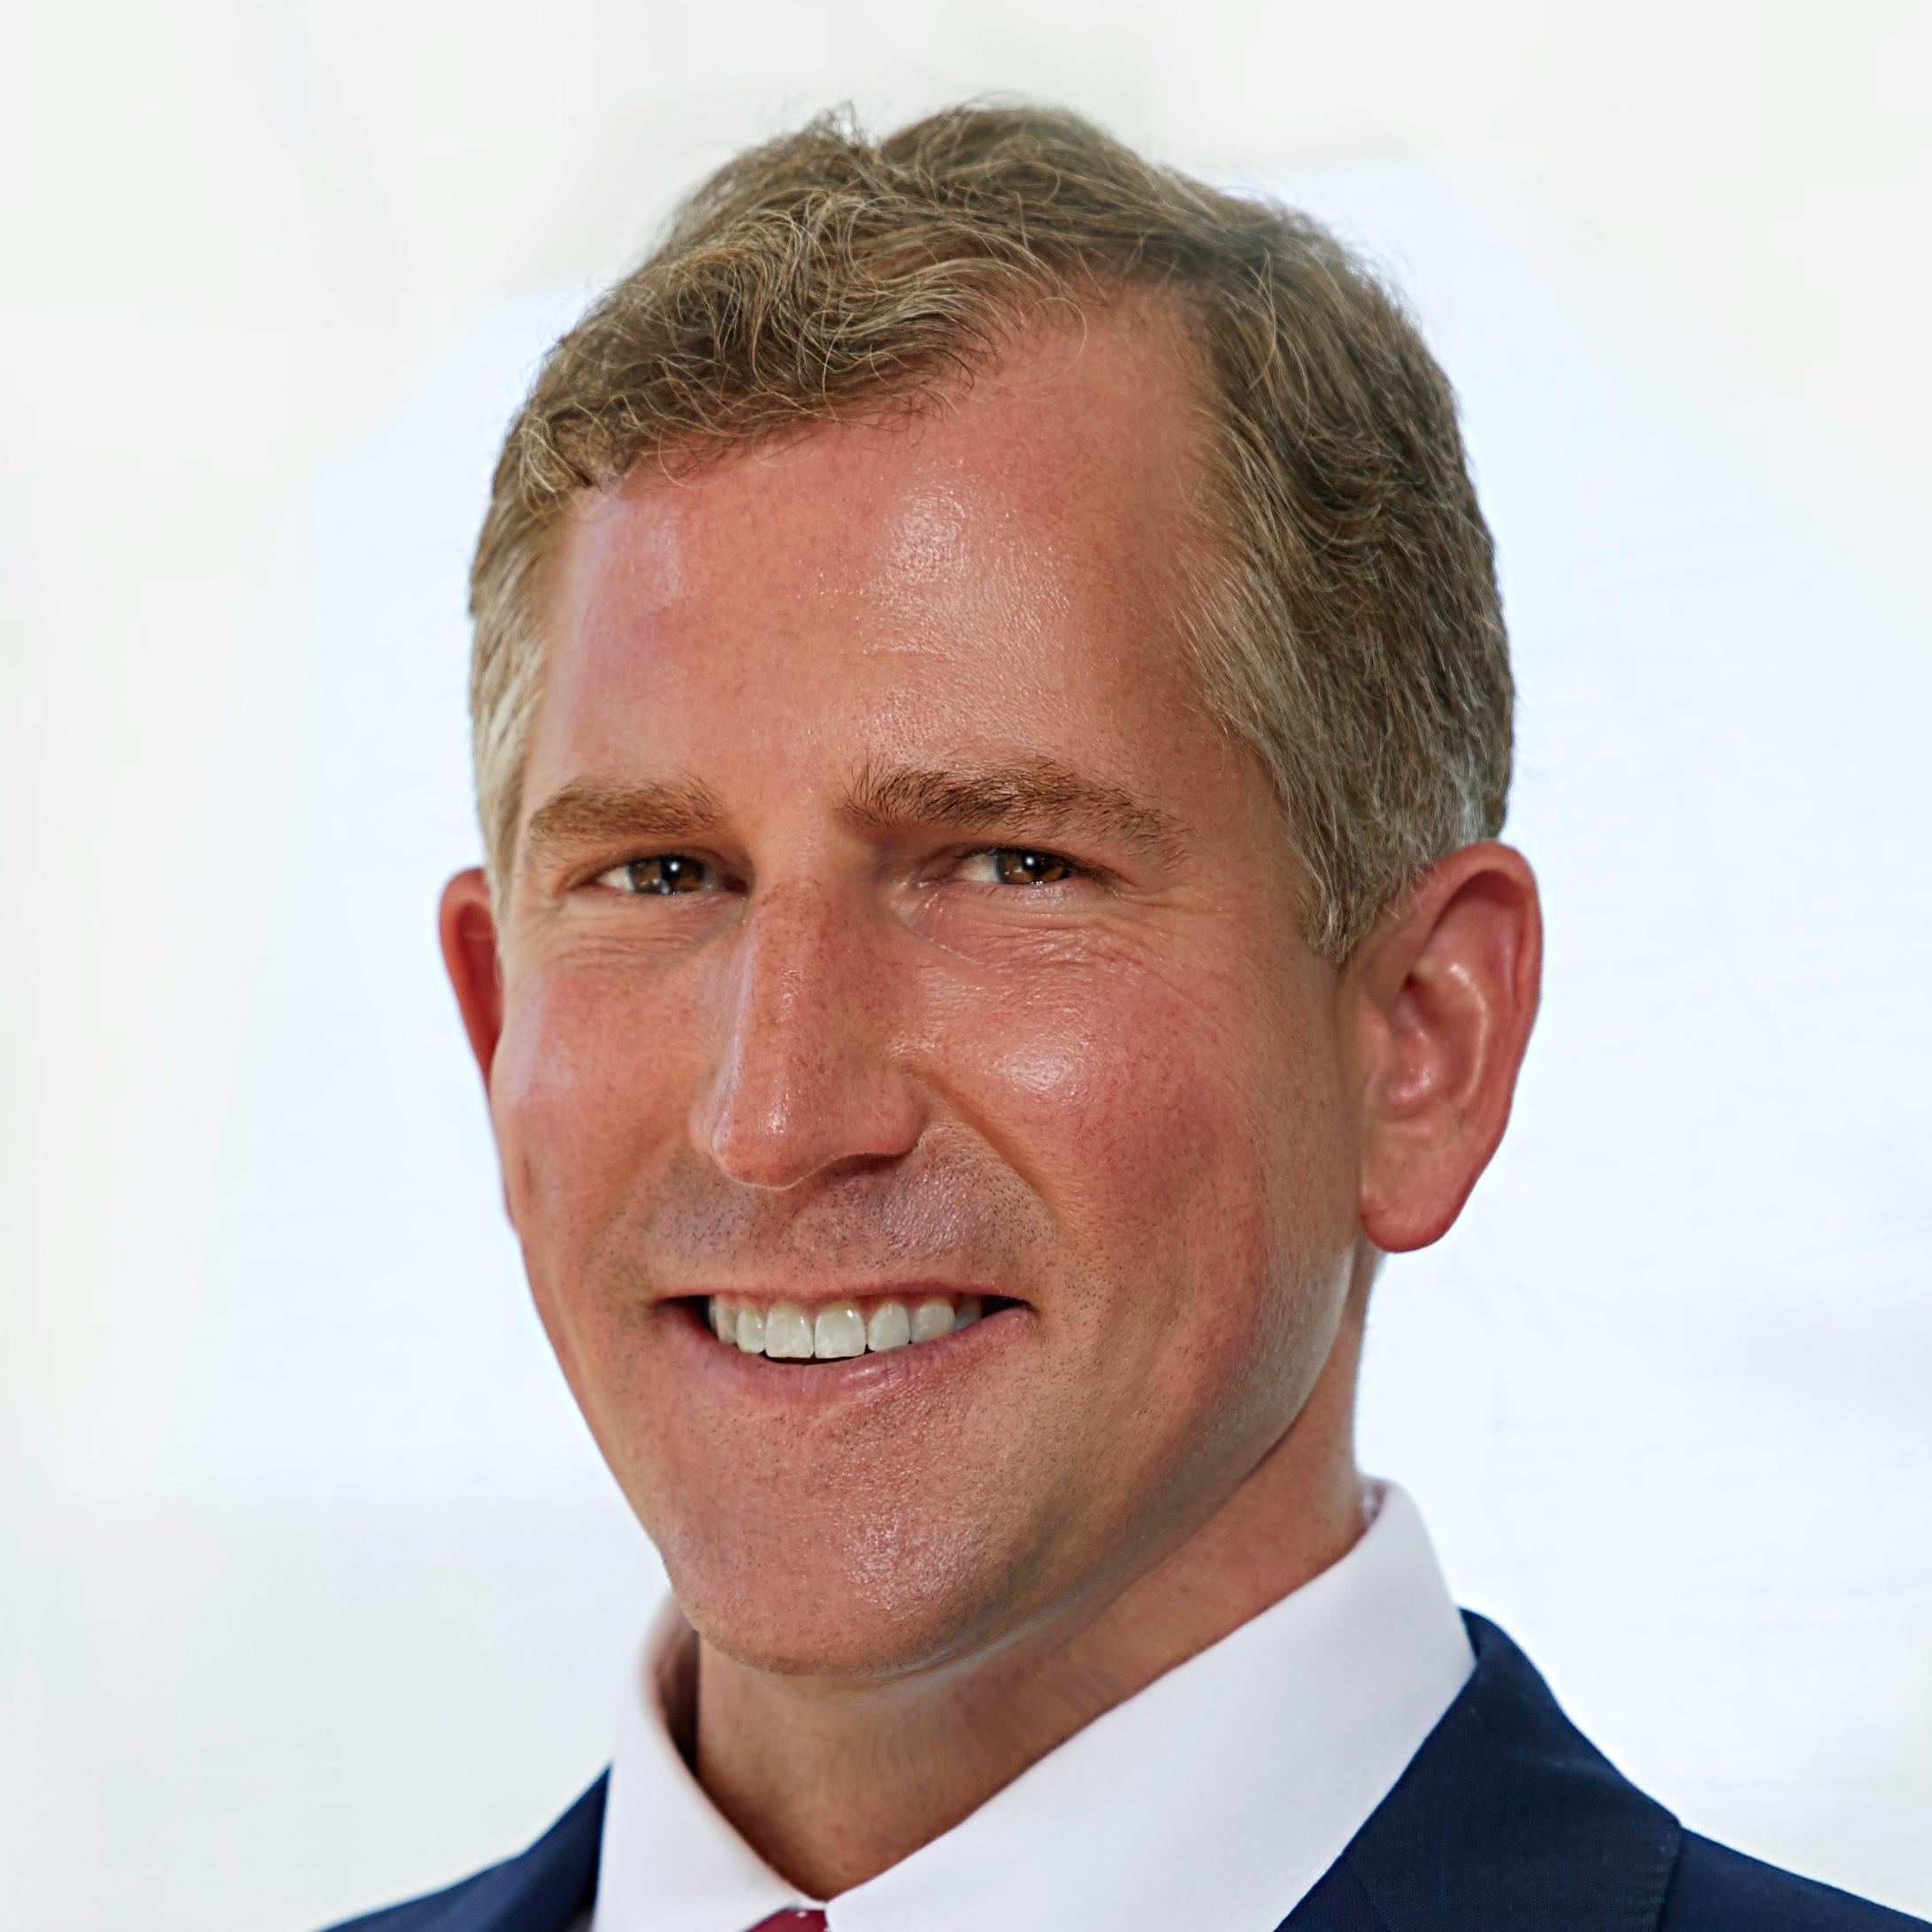 Dr. John M Bozanich